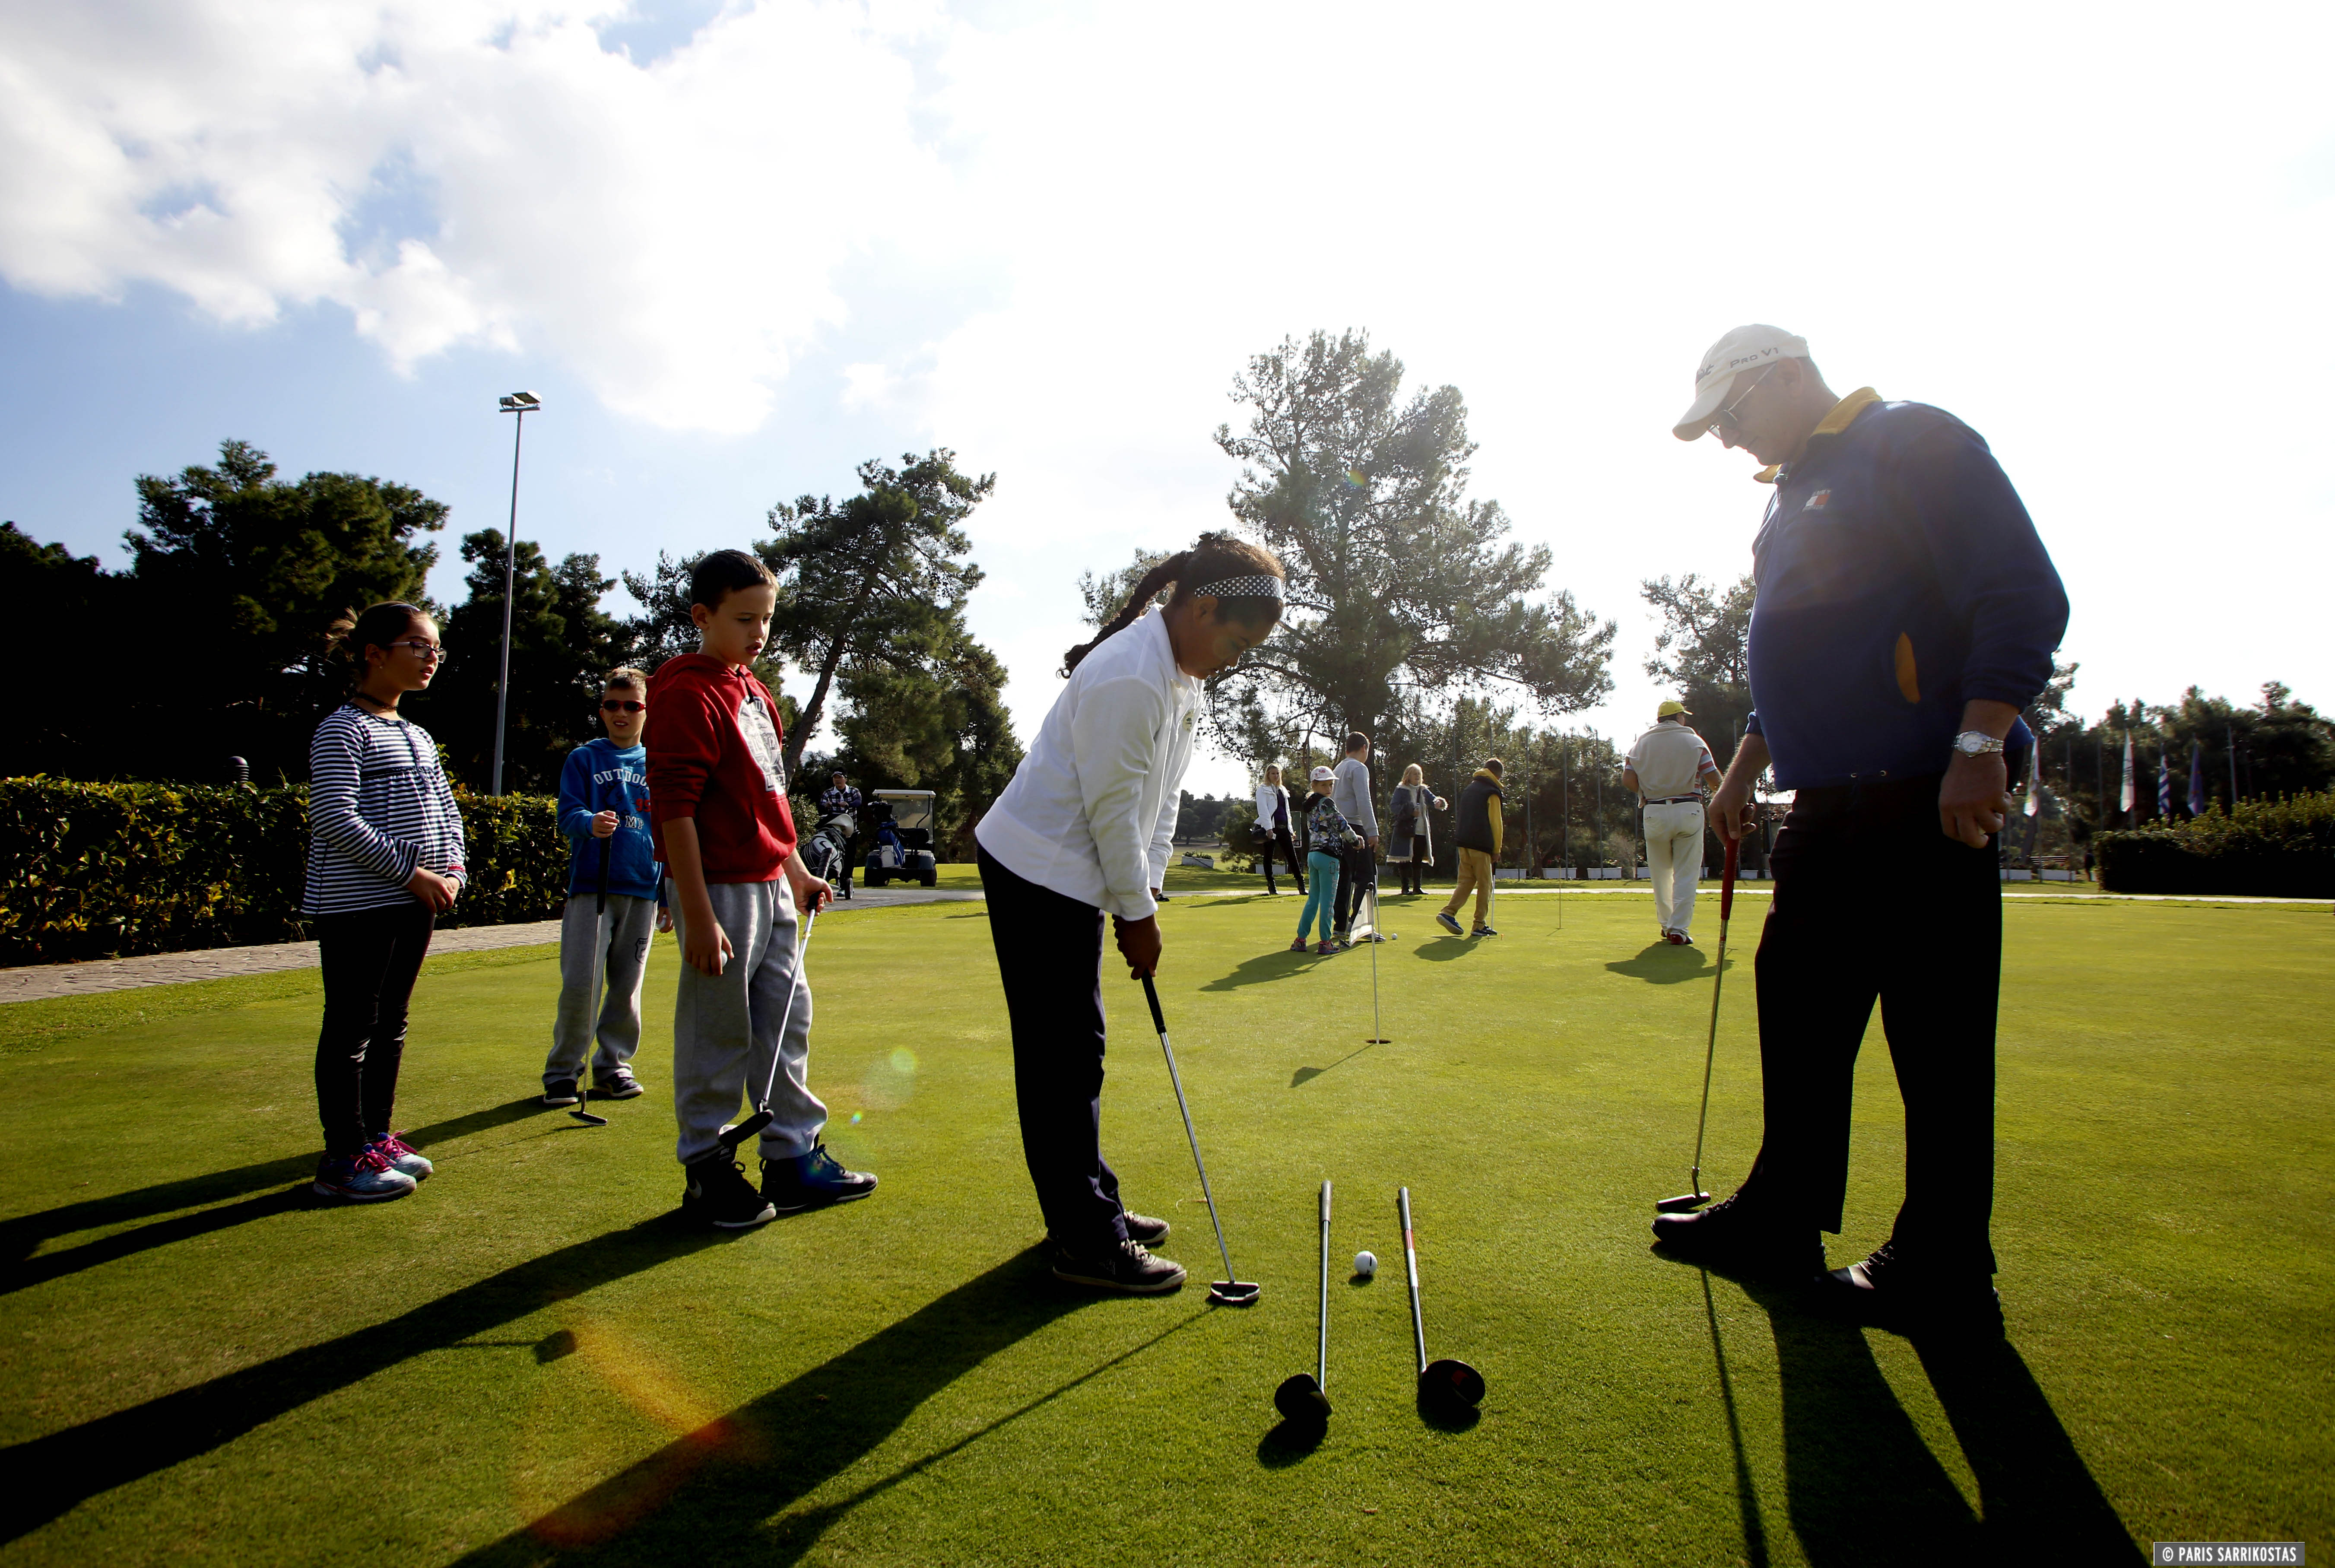 Δωρεάν μαθήματα εκμάθησης γκολφ σε παιδιά ηλικίας 8-17 ετών προσφέρει η  Ακαδημία Γκολφ Γλυφάδας. Τα επίσημα εγκαίνια του προγράμματος  πραγματοποιήθηκαν ... d43ee2c4914